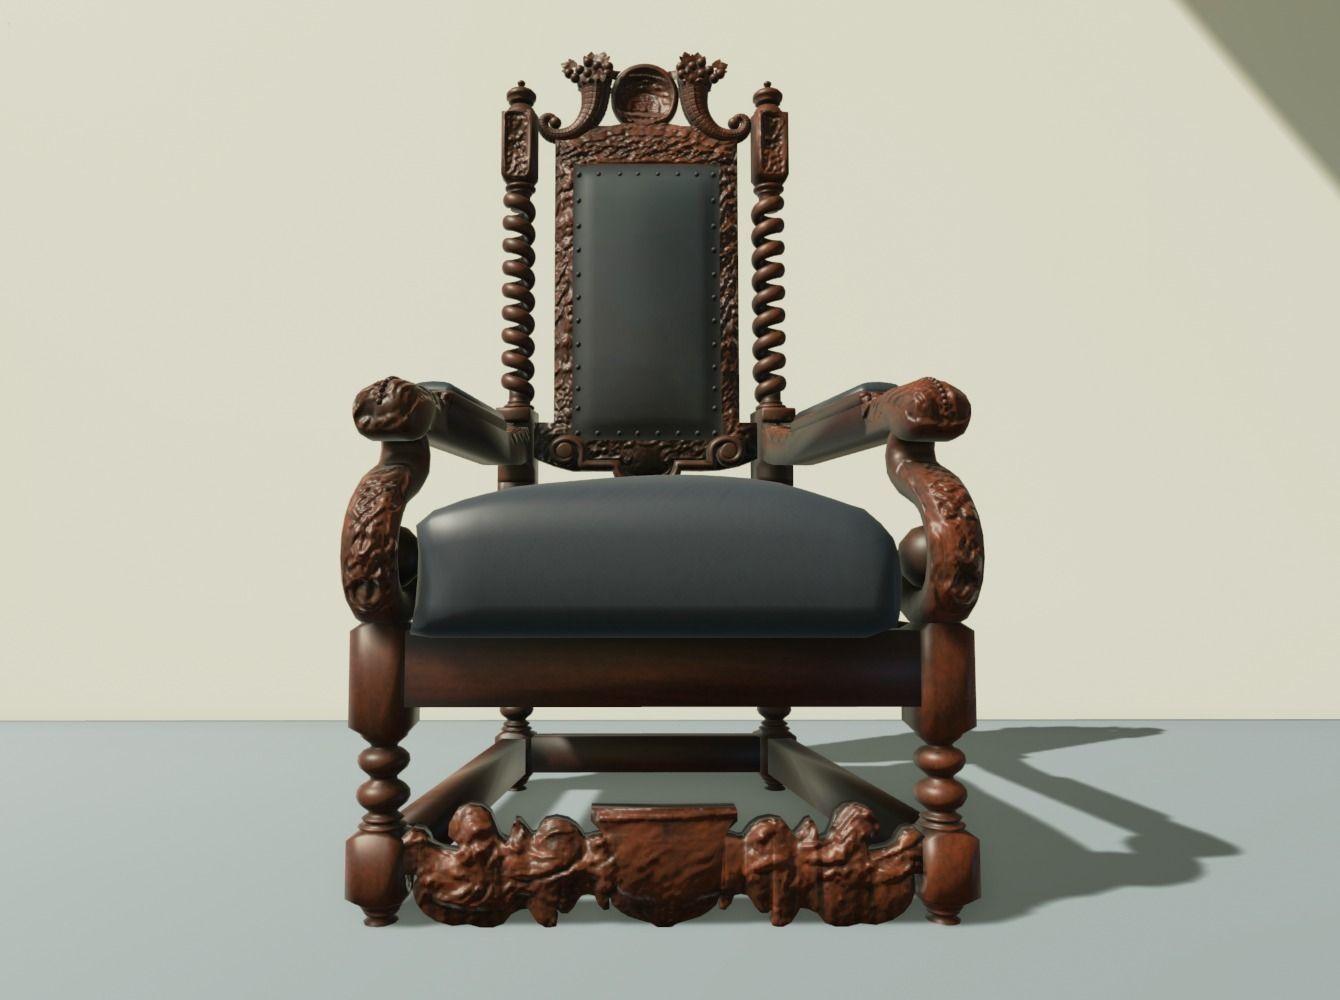 antique throne chair 3d model obj mtl 2 ... - 3D - Antique Throne Chair Antique Furniture